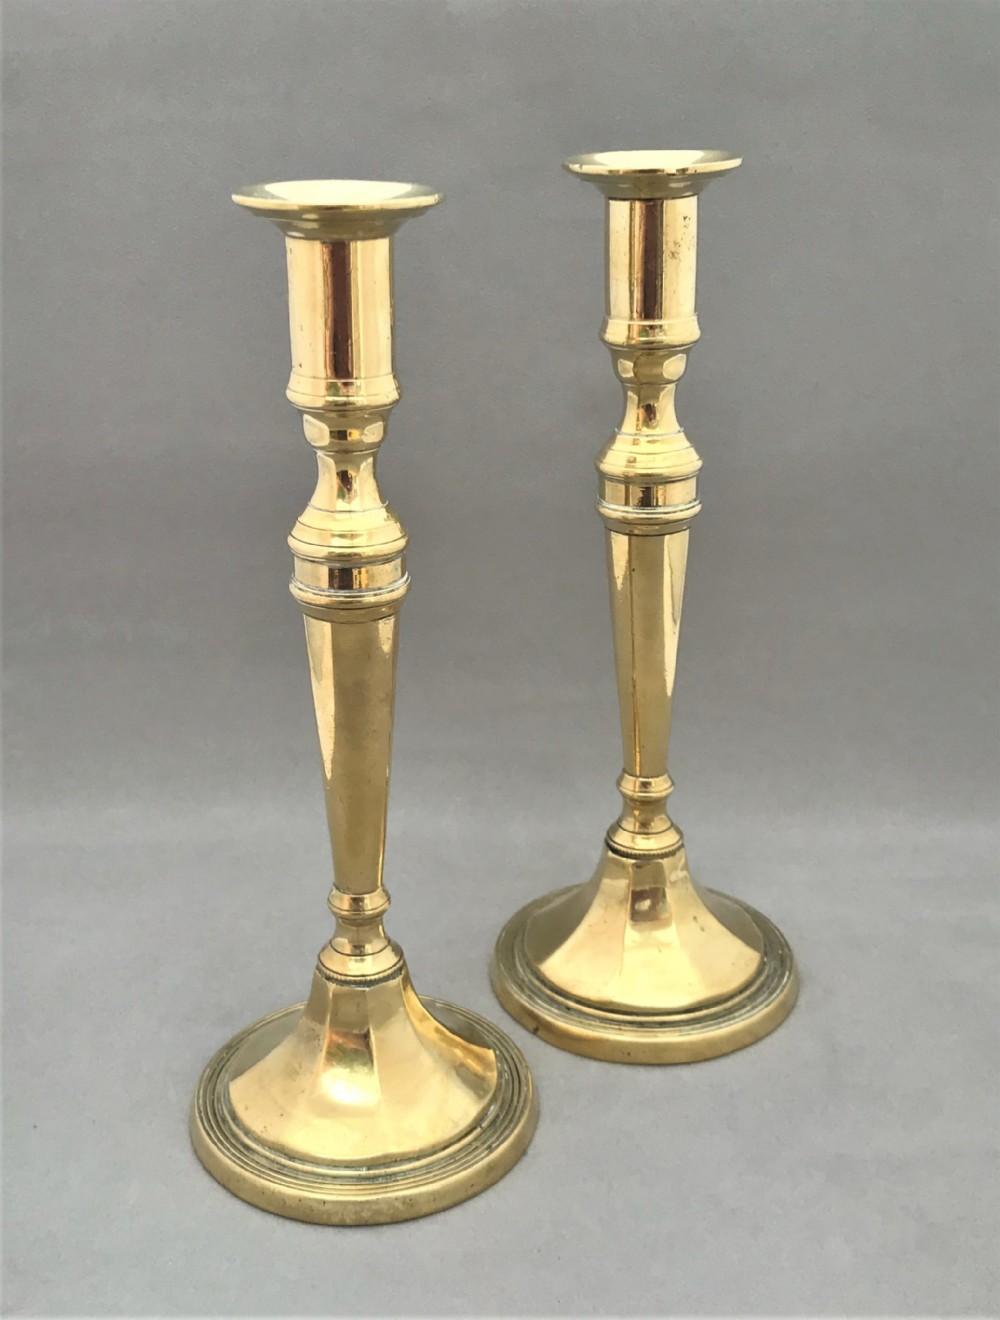 a fine pair of victorian brass candlesticks